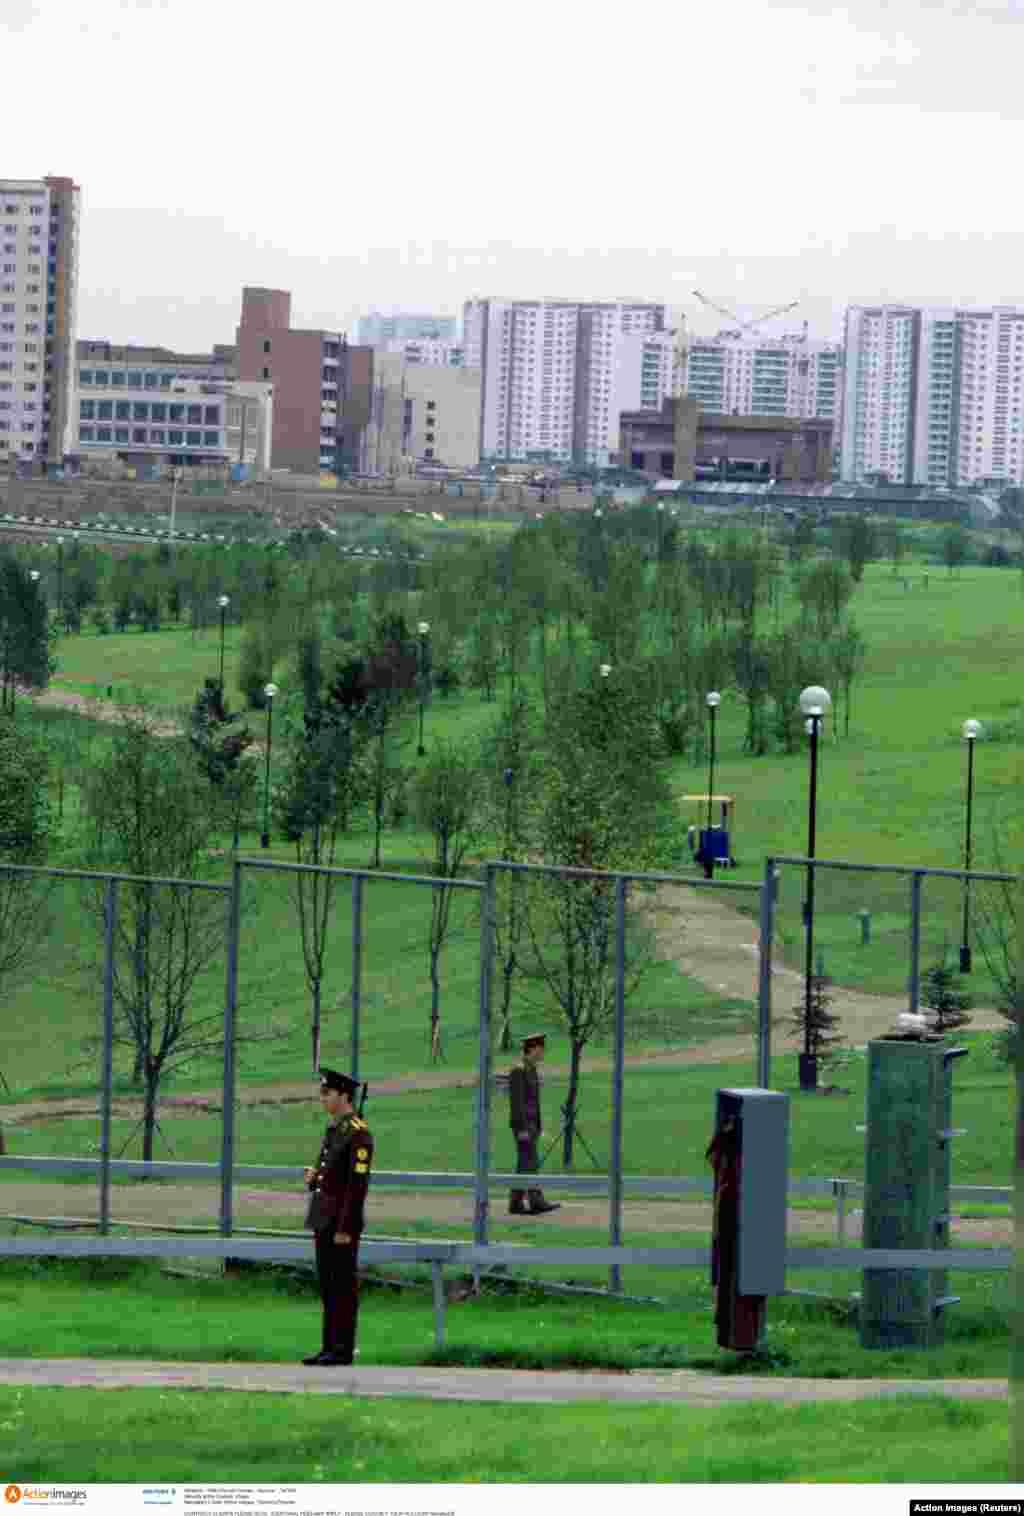 Збройне патрулювання Олімпійського селища. Ігри 1980 року відбулися через вісім років після Олімпіади в Мюнхені, під час якої внаслідок терористичного акту були вбиті 11 ізраїльських спортсменів і тренерів